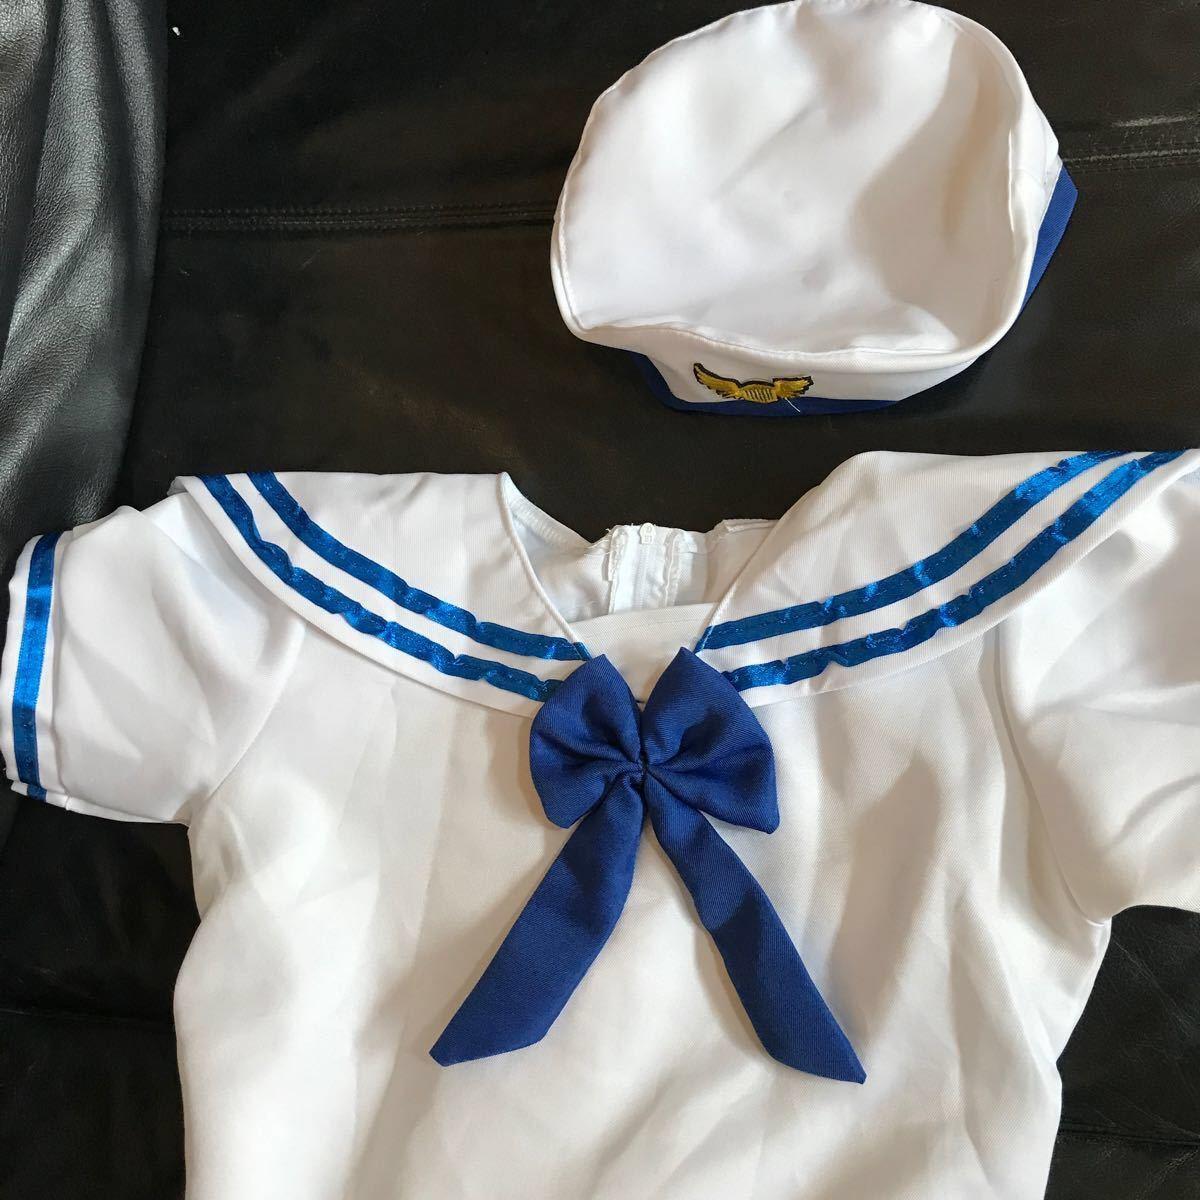 コスプレ衣装 コスチューム セーラー服 水兵 海兵 マリン 子供用 キッズ ジュニア 女の子